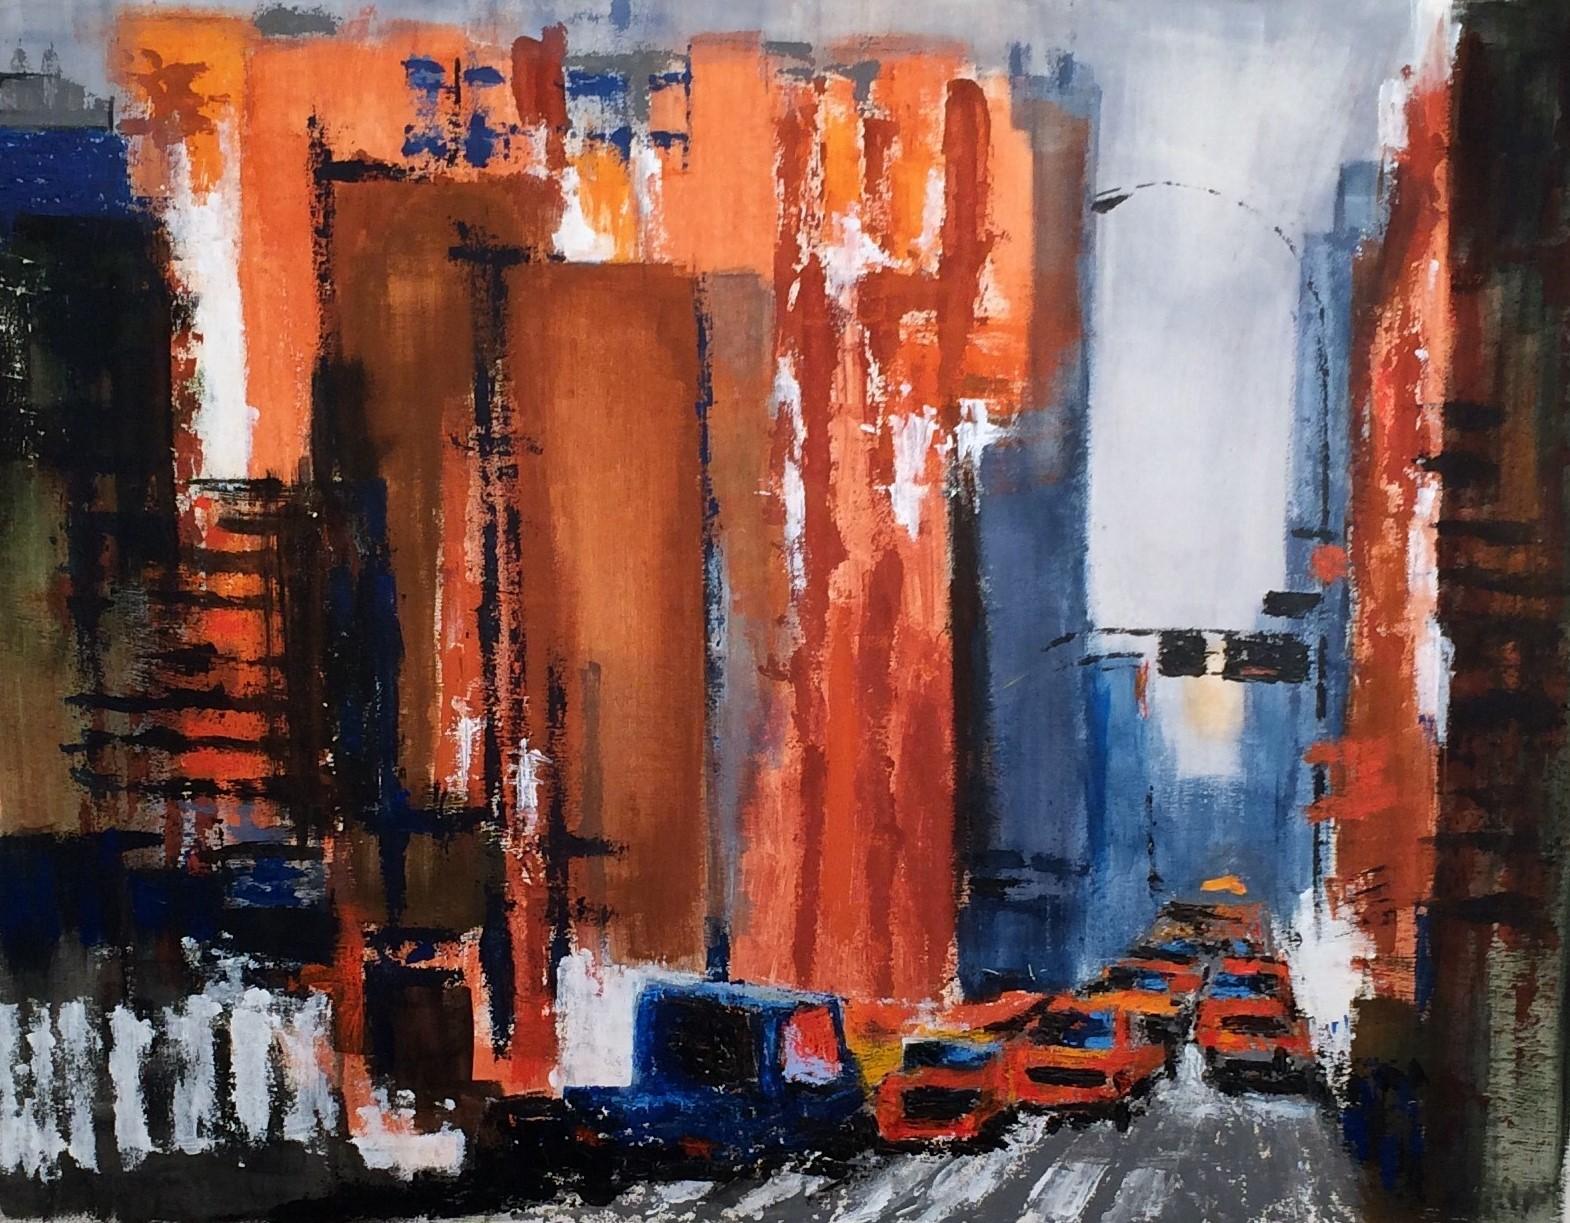 N°3220 - One way - Acrylique et pigments sur toile - 89 x 116 cm - 4 février 2017